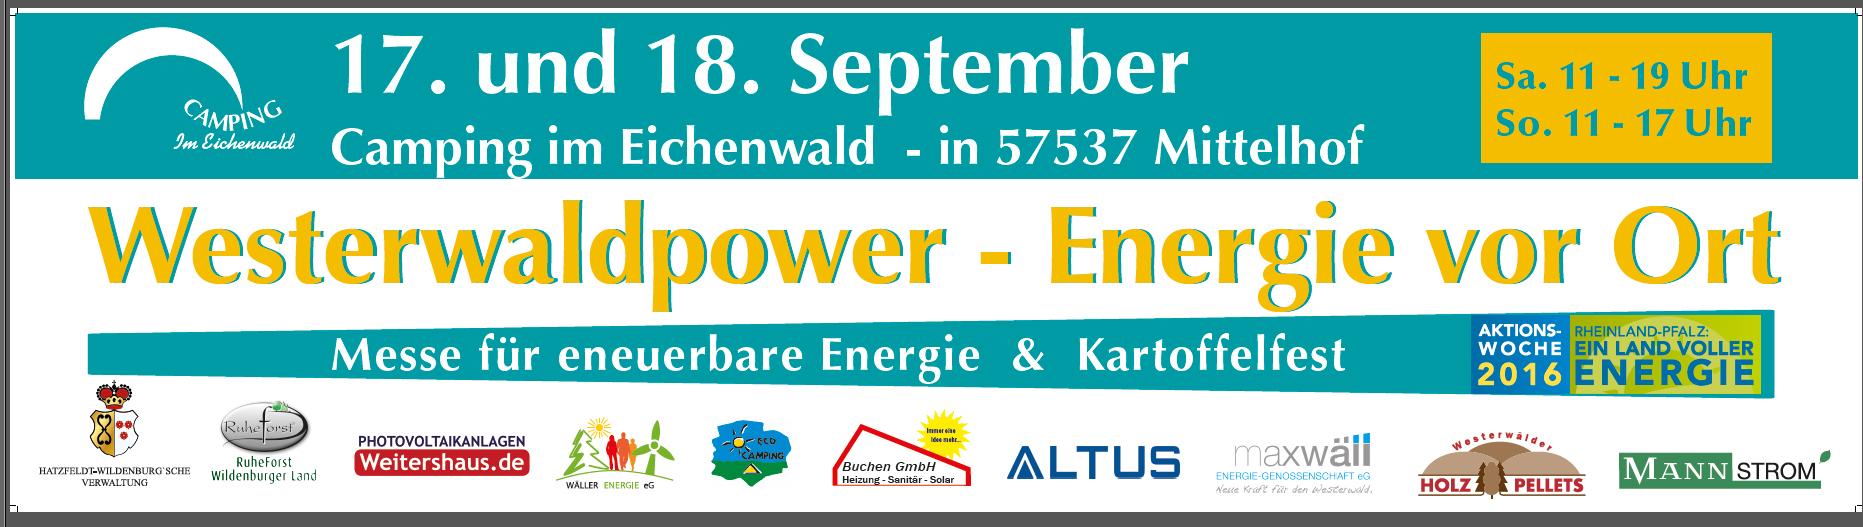 energiemesse_camping